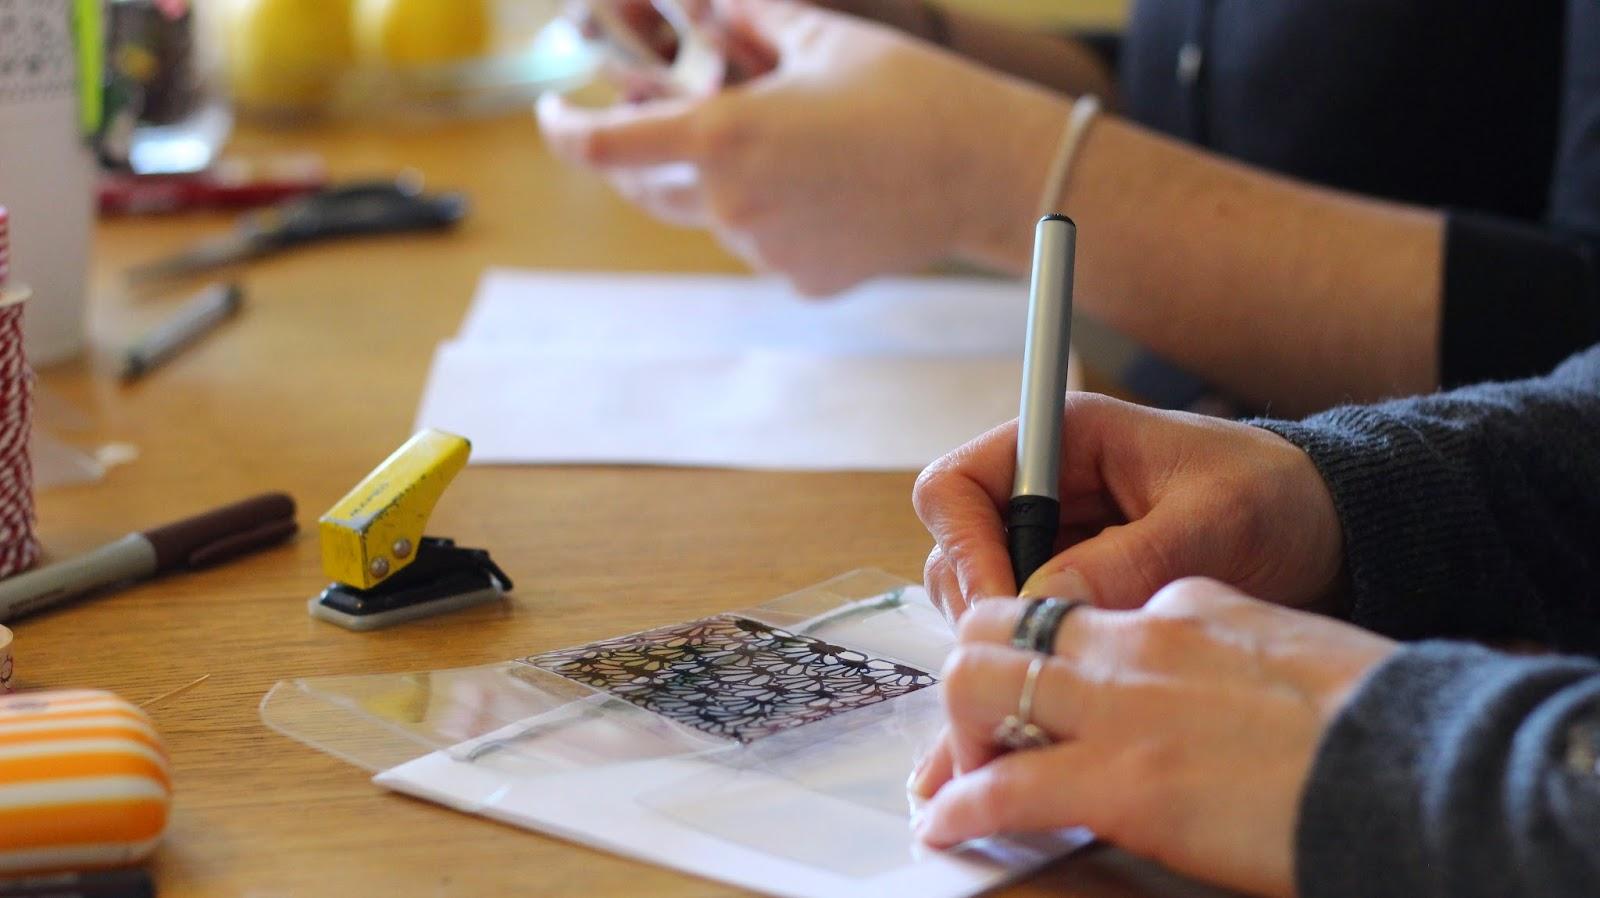 échange-découverte-papotage-bricolage-boîte-dessin